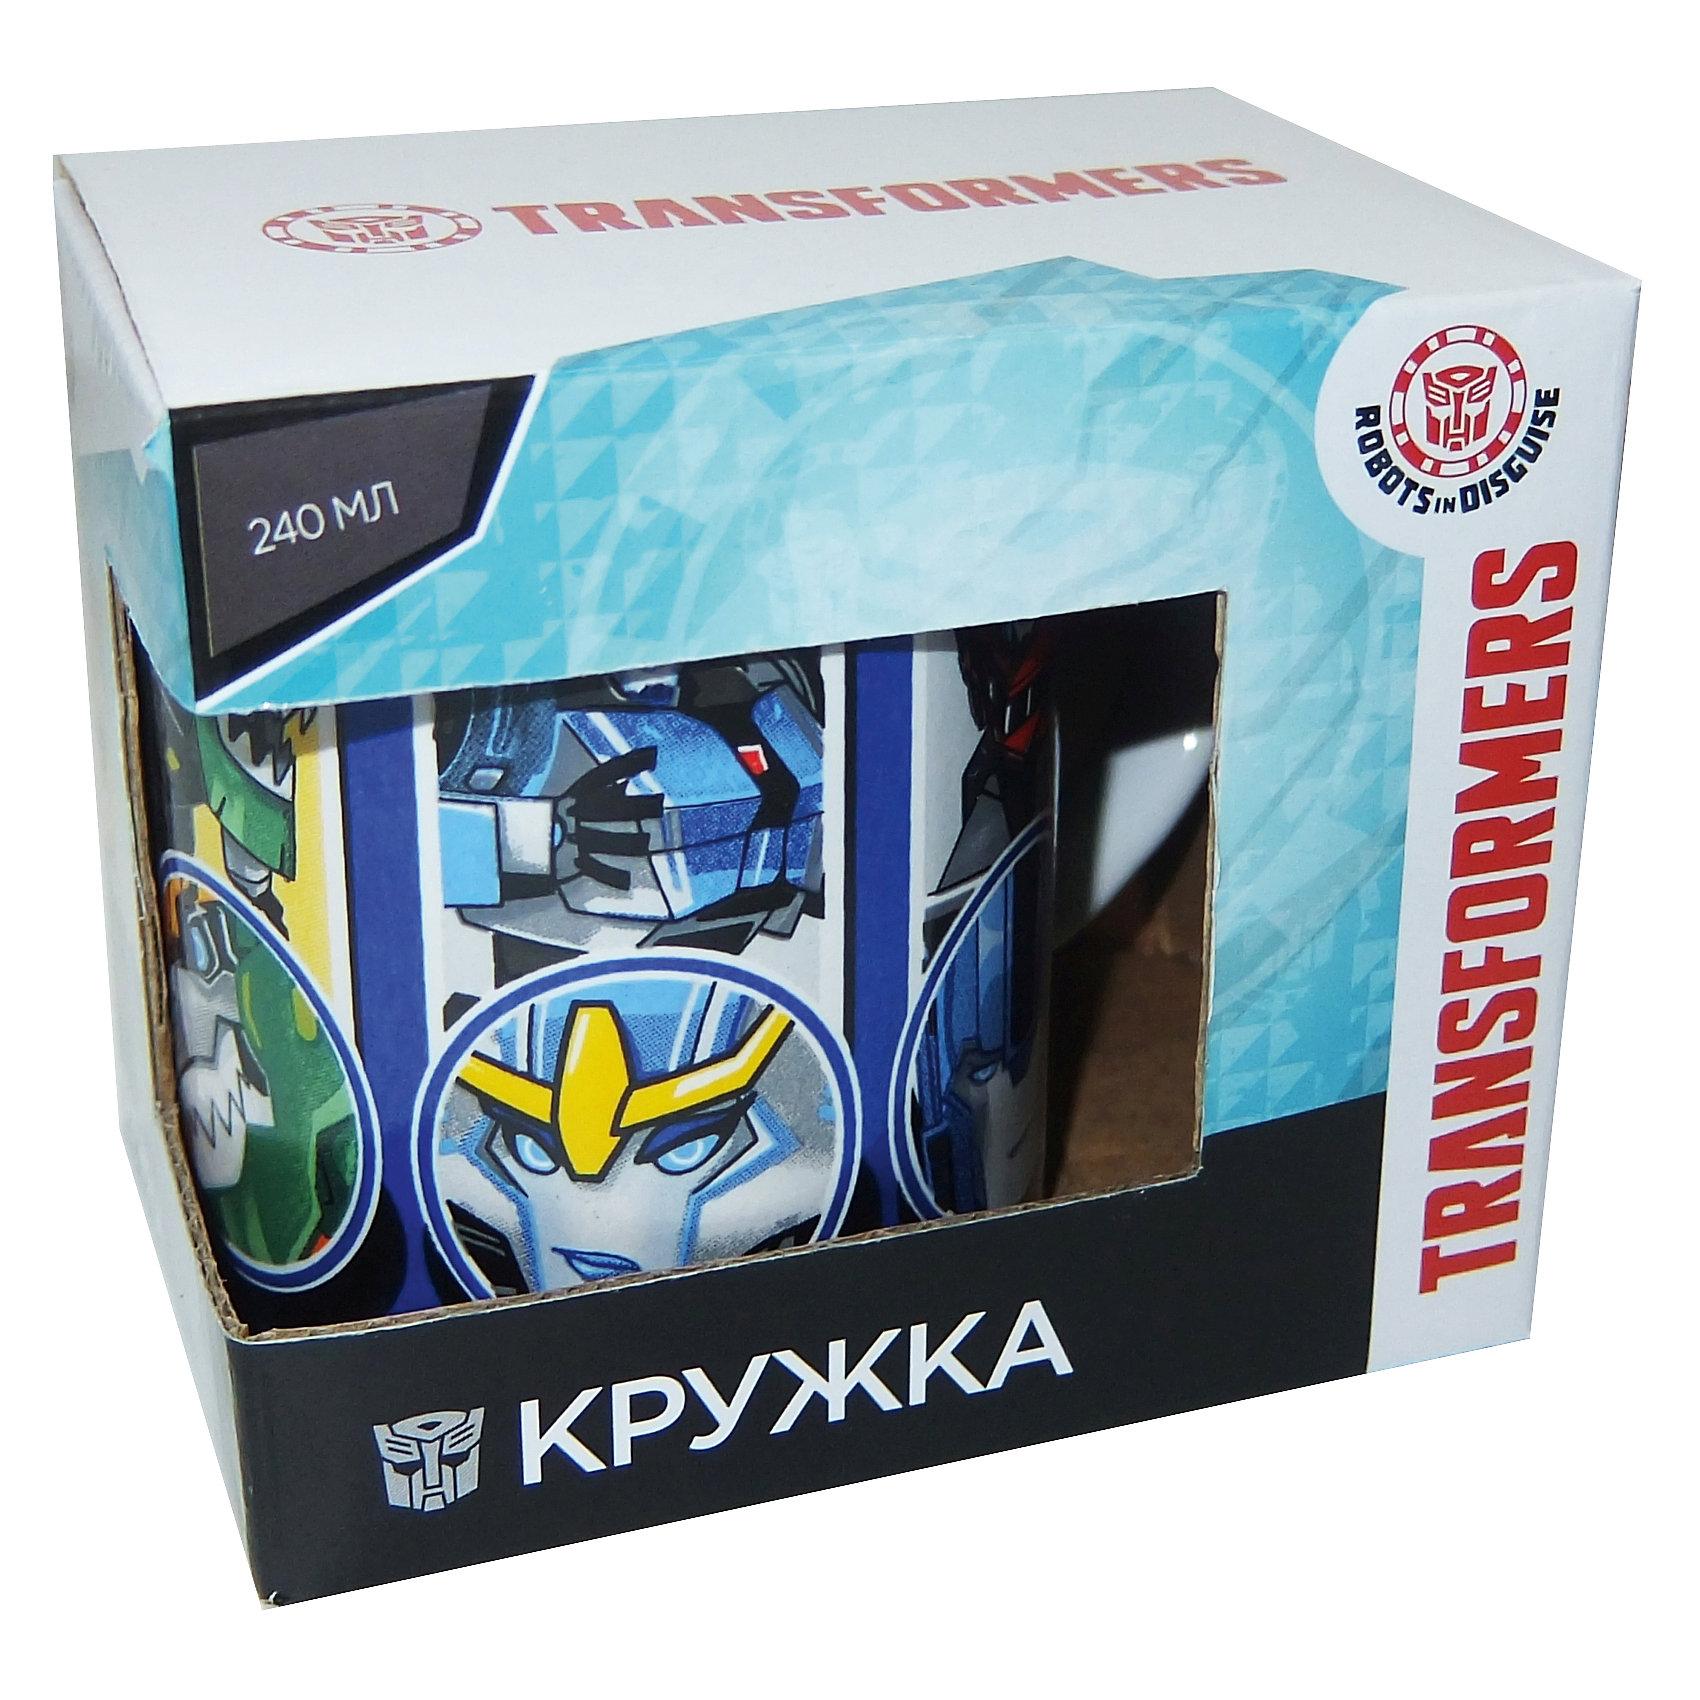 Кружка Transformers Роботы под прикрытием в подарочной упаковке, 240 мл,Детская посуда<br>Характеристики:<br><br>• Материал: керамика<br>• Тематика рисунка: Трансформеры<br>• Можно использовать для горячих и холодных напитков<br>• Упаковка: подарочная картонная коробка<br>• Объем: 240 мл<br>• Вес: 280 г<br>• Размеры (Д*Ш*В): 12*8,2*9,5 см<br>• Особенности ухода: можно мыть в посудомоечной машине<br><br>Кружка Transformers Роботы под прикрытием в подарочной упаковке, 240 мл выполнена в стильном дизайне: на синий корпус нанесено изображение героев популярного мультсериала Трансформеры. Изображение детально отражает облик экранного прототипа, устойчиво к появлению царапин, не выцветает при частом мытье. <br><br>Кружку Transformers Роботы под прикрытием в подарочной упаковке, 240 мл можно купить в нашем интернет-магазине.<br><br>Ширина мм: 120<br>Глубина мм: 82<br>Высота мм: 95<br>Вес г: 280<br>Возраст от месяцев: 36<br>Возраст до месяцев: 1188<br>Пол: Мужской<br>Возраст: Детский<br>SKU: 6849972